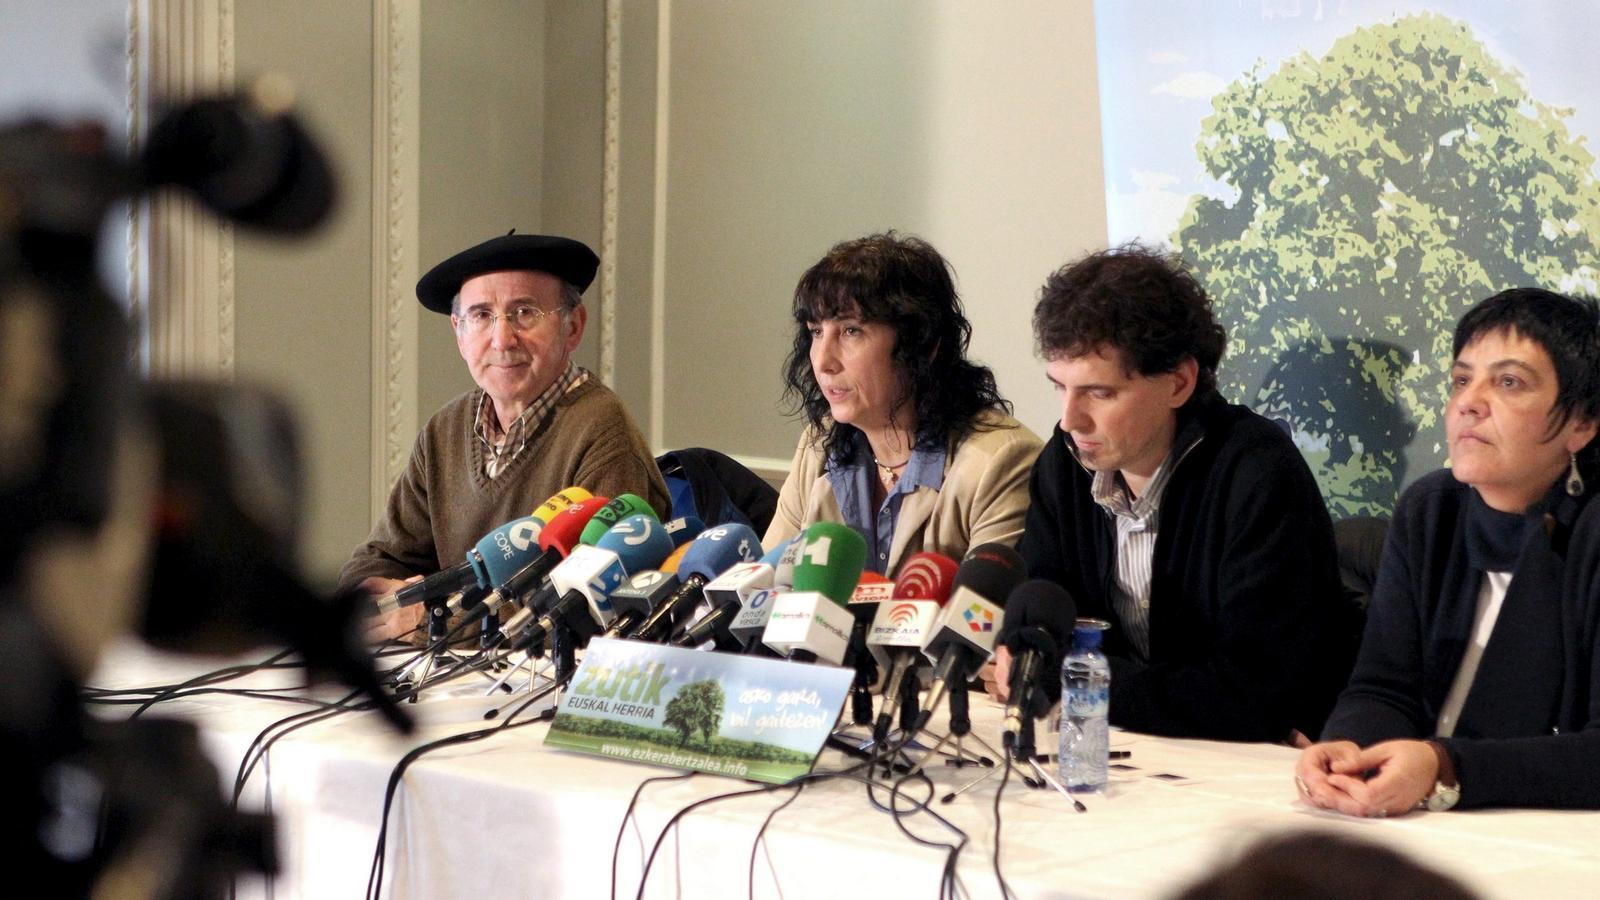 L'esquerra abertzale, pendent de la justícia, sortirà demà als carrers de Bilbao.